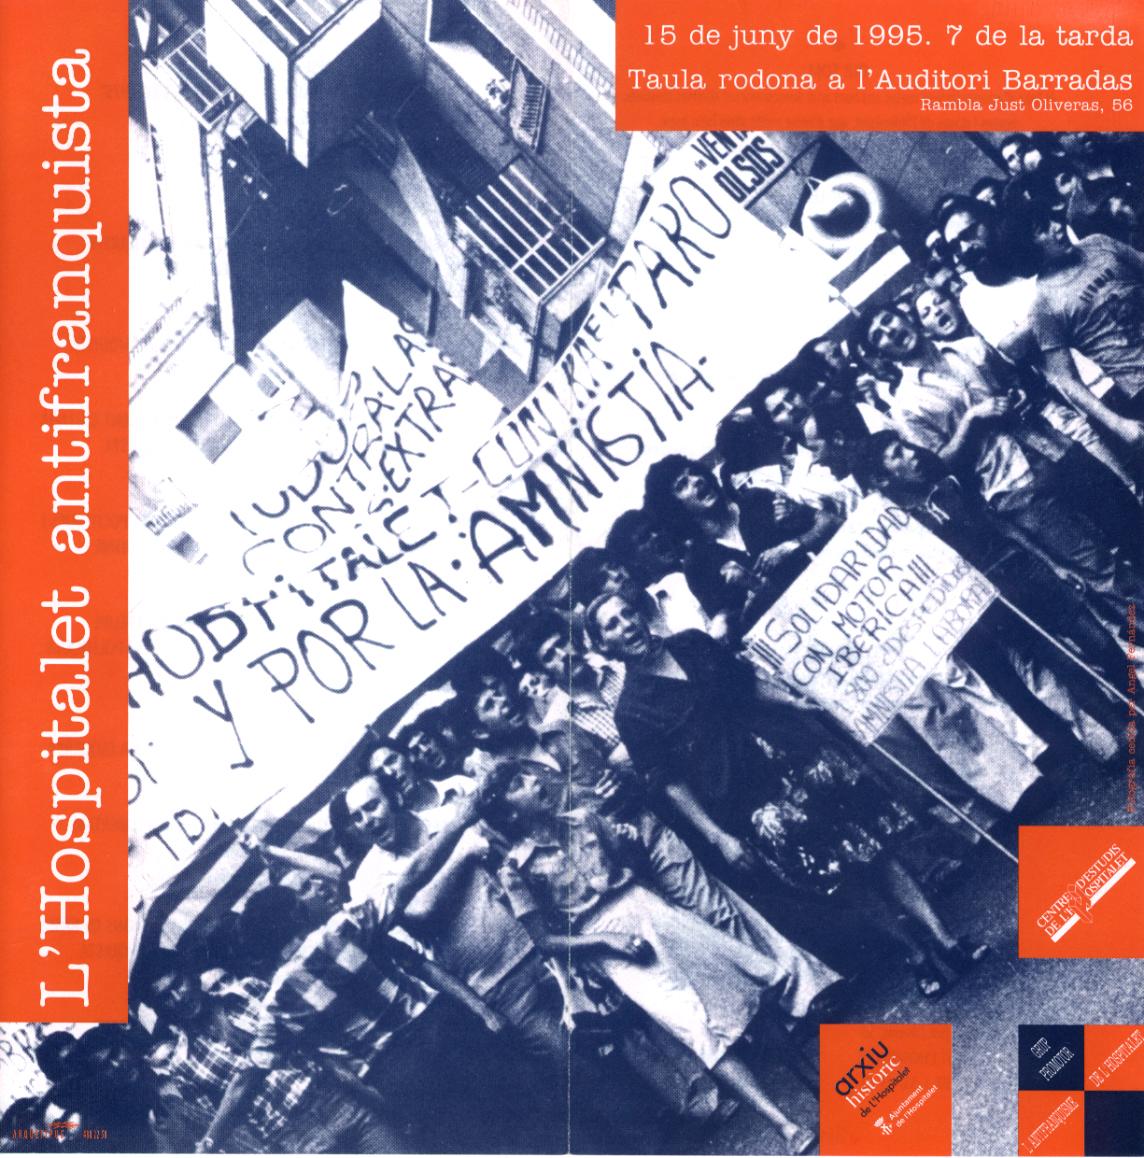 Fons d'institucions i d'entitats. Cartell primera convocatòria Grup L'Hospitalet Antifranquista (15-6-1995). R-2796